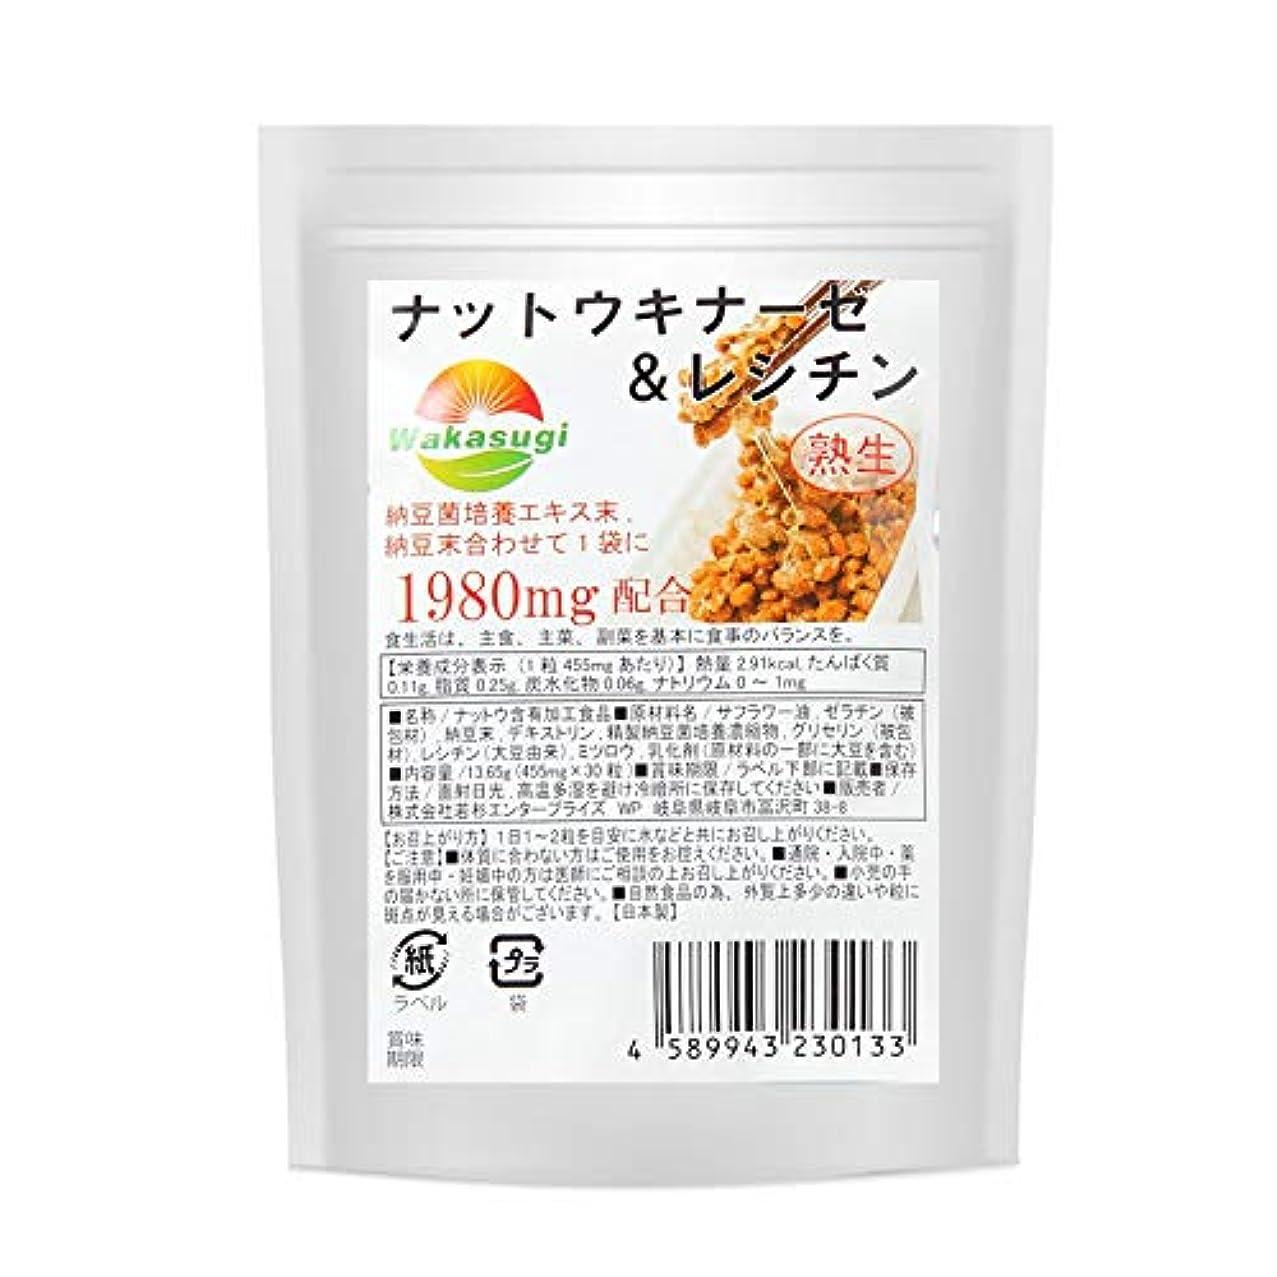 シールスープ句読点超熟 納豆サプリメント 30粒 生ナットウキナーゼ&レシチン ソフトカプセルタイプ